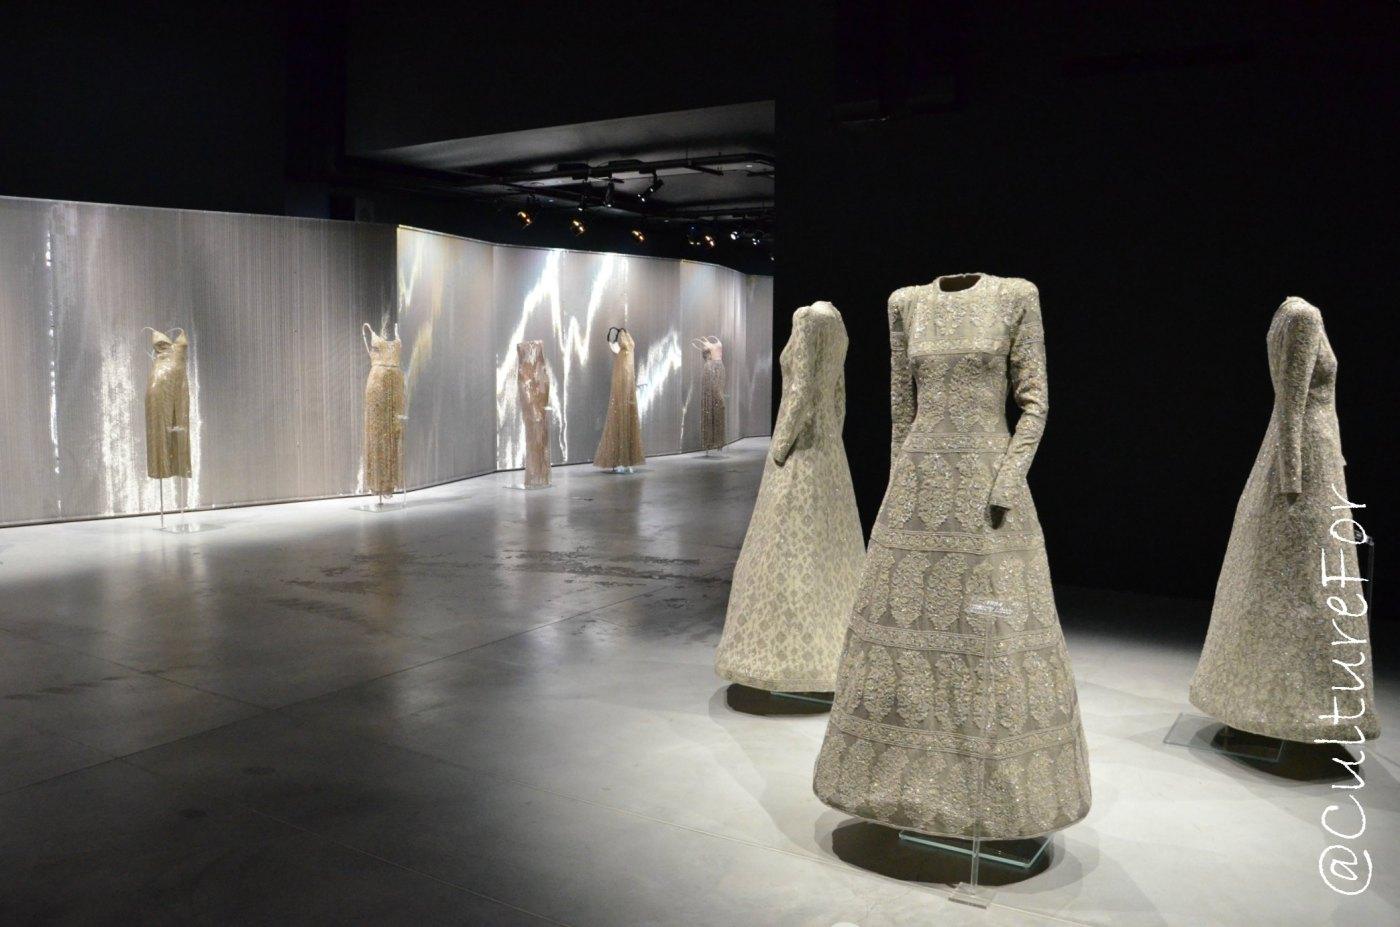 cheaper 626a7 46a11 Armani Silos @Milano – Culture For